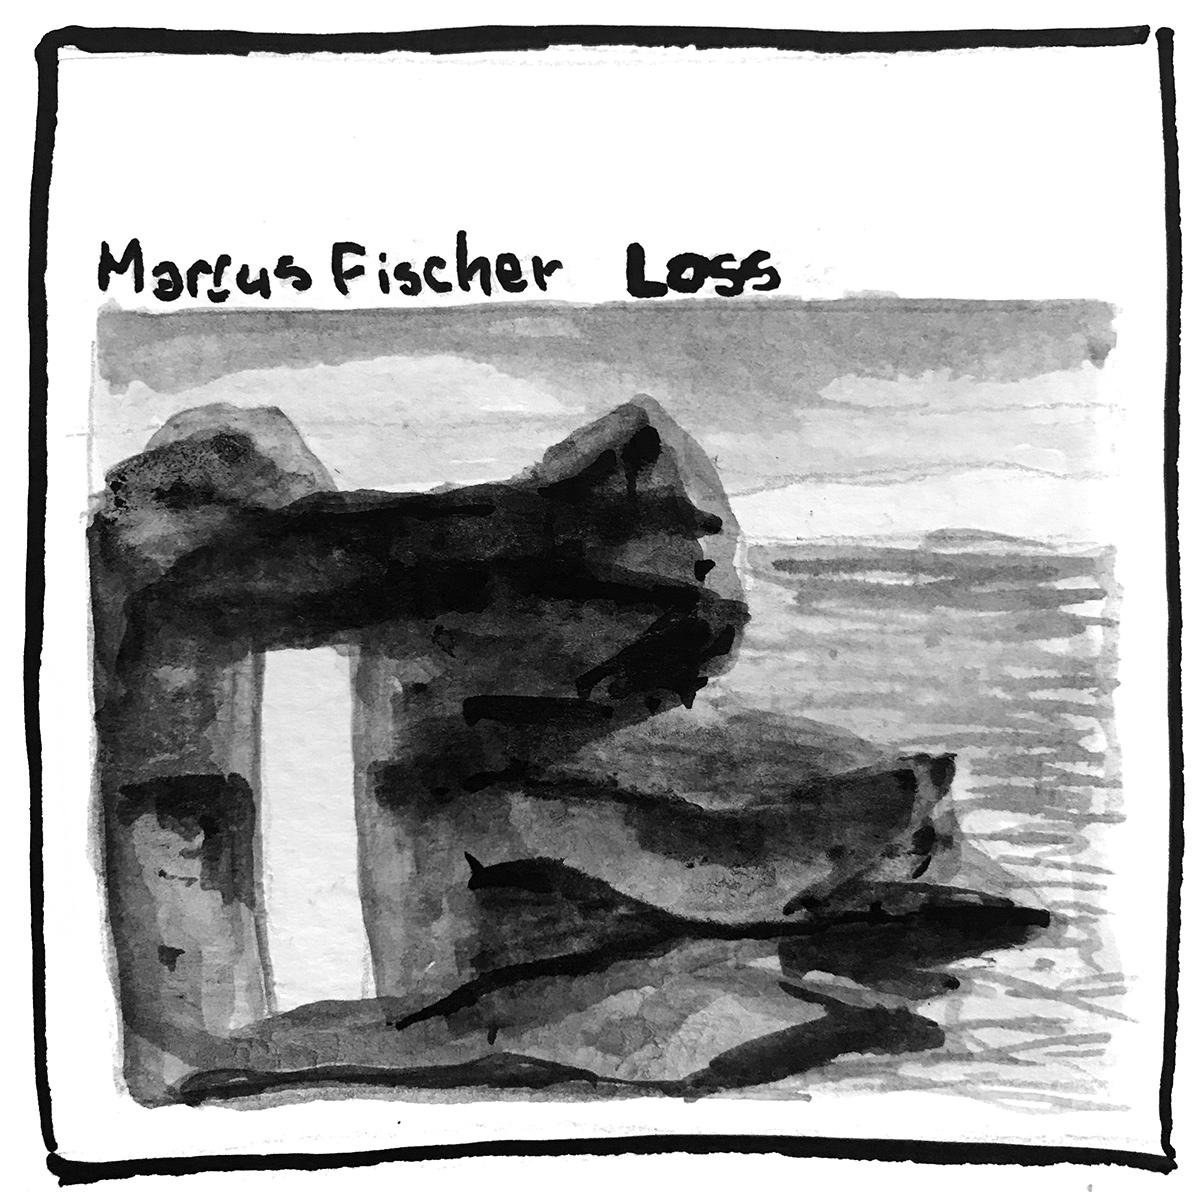 Marcus Fischer Loss